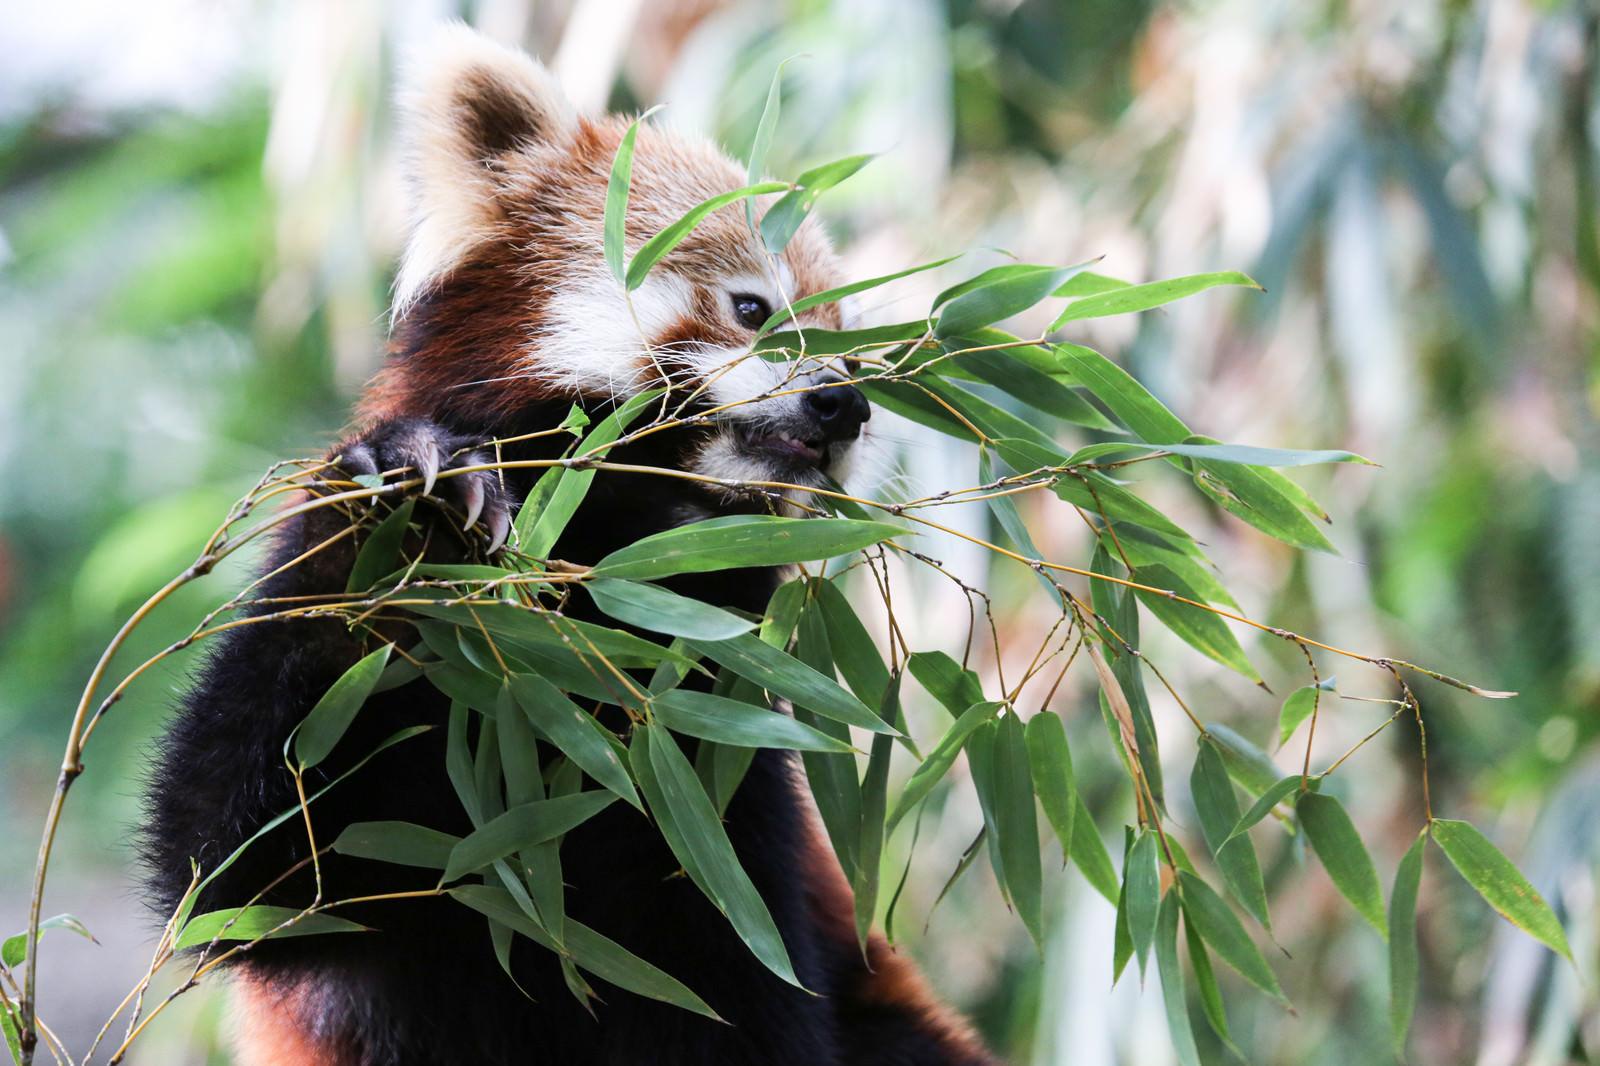 「笹を食うレッサーパンダ」の写真